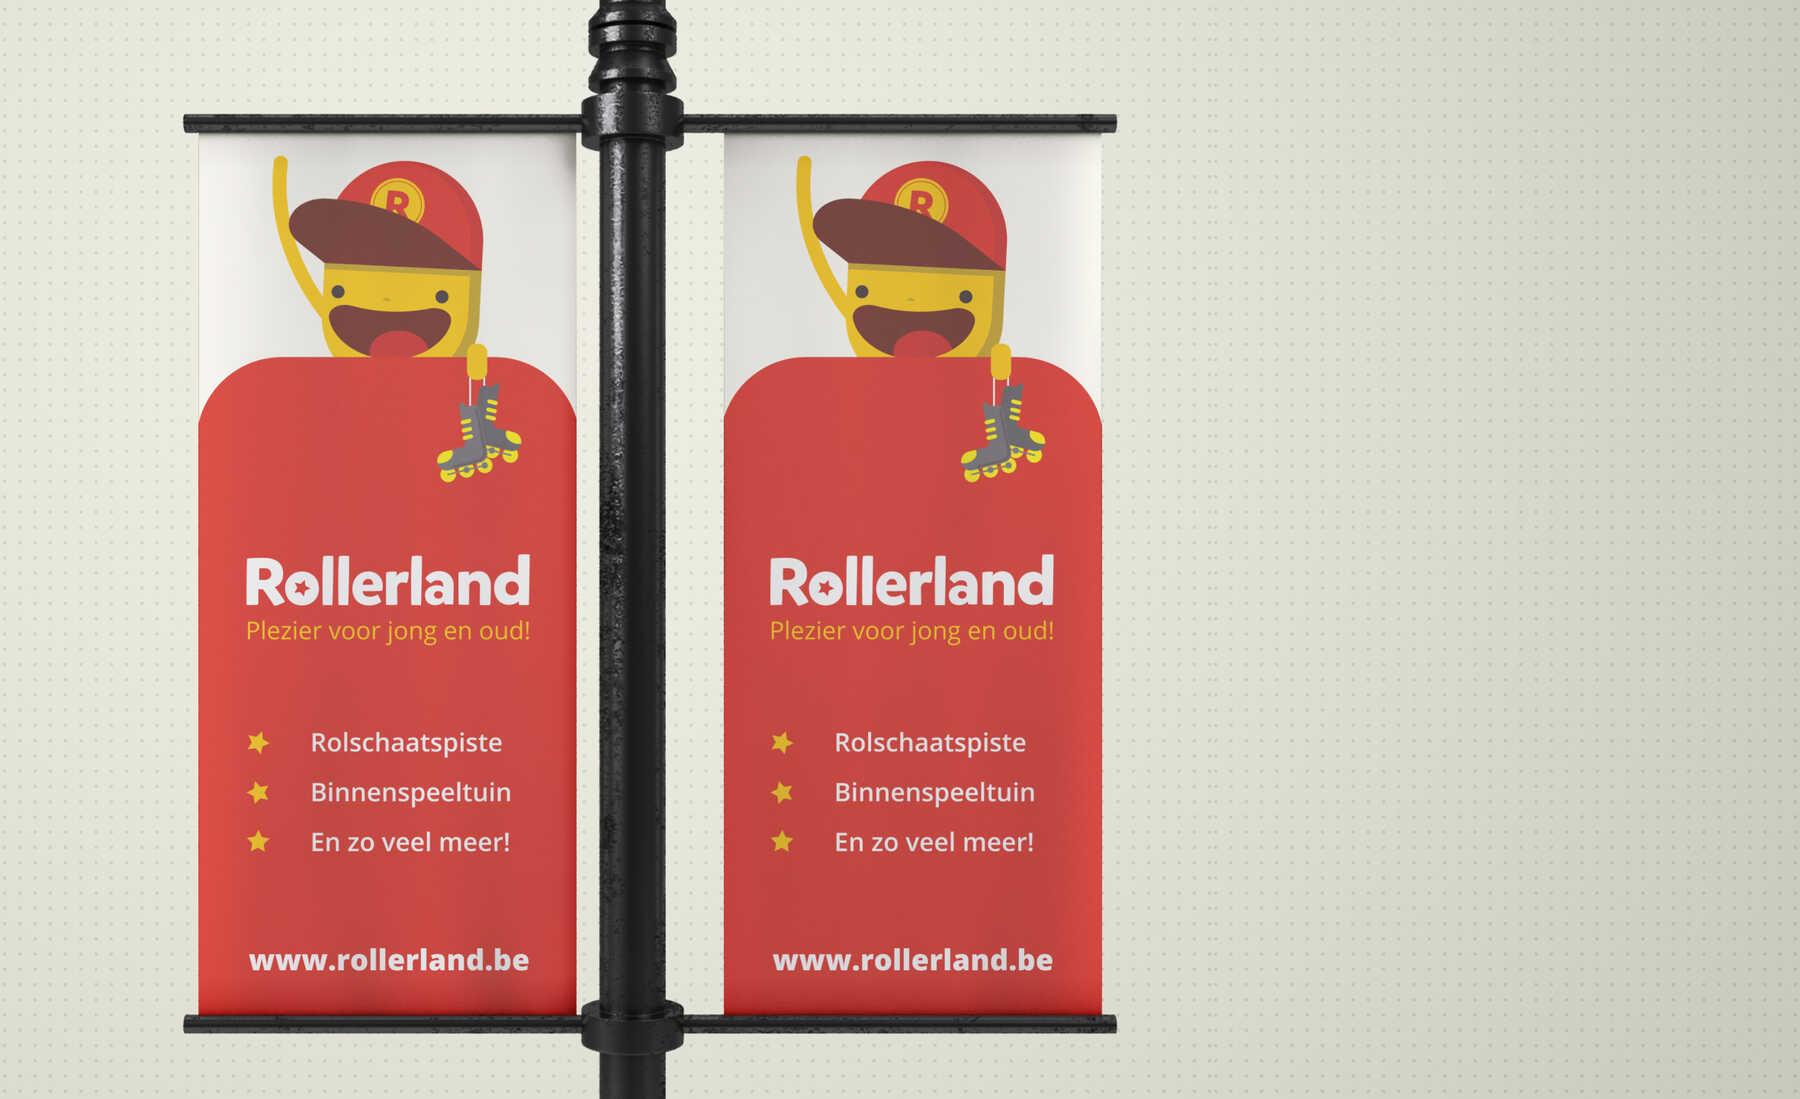 rollerland vlaggen